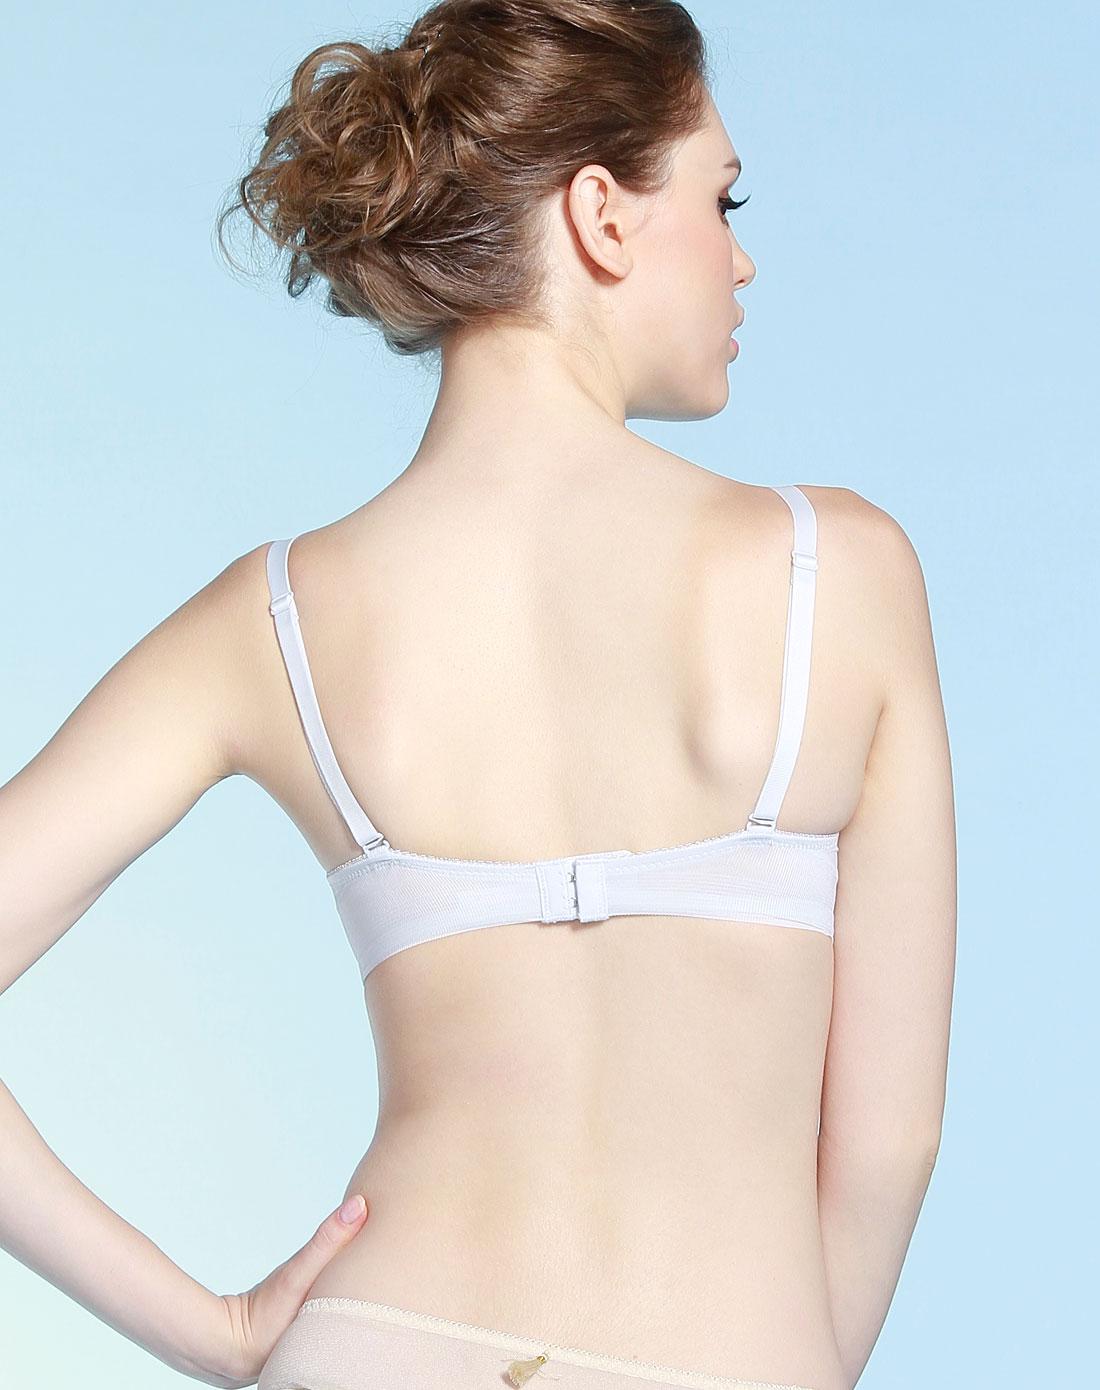 最大的胸罩是几罩杯《《无胸罩的g罩杯美女《《e罩杯